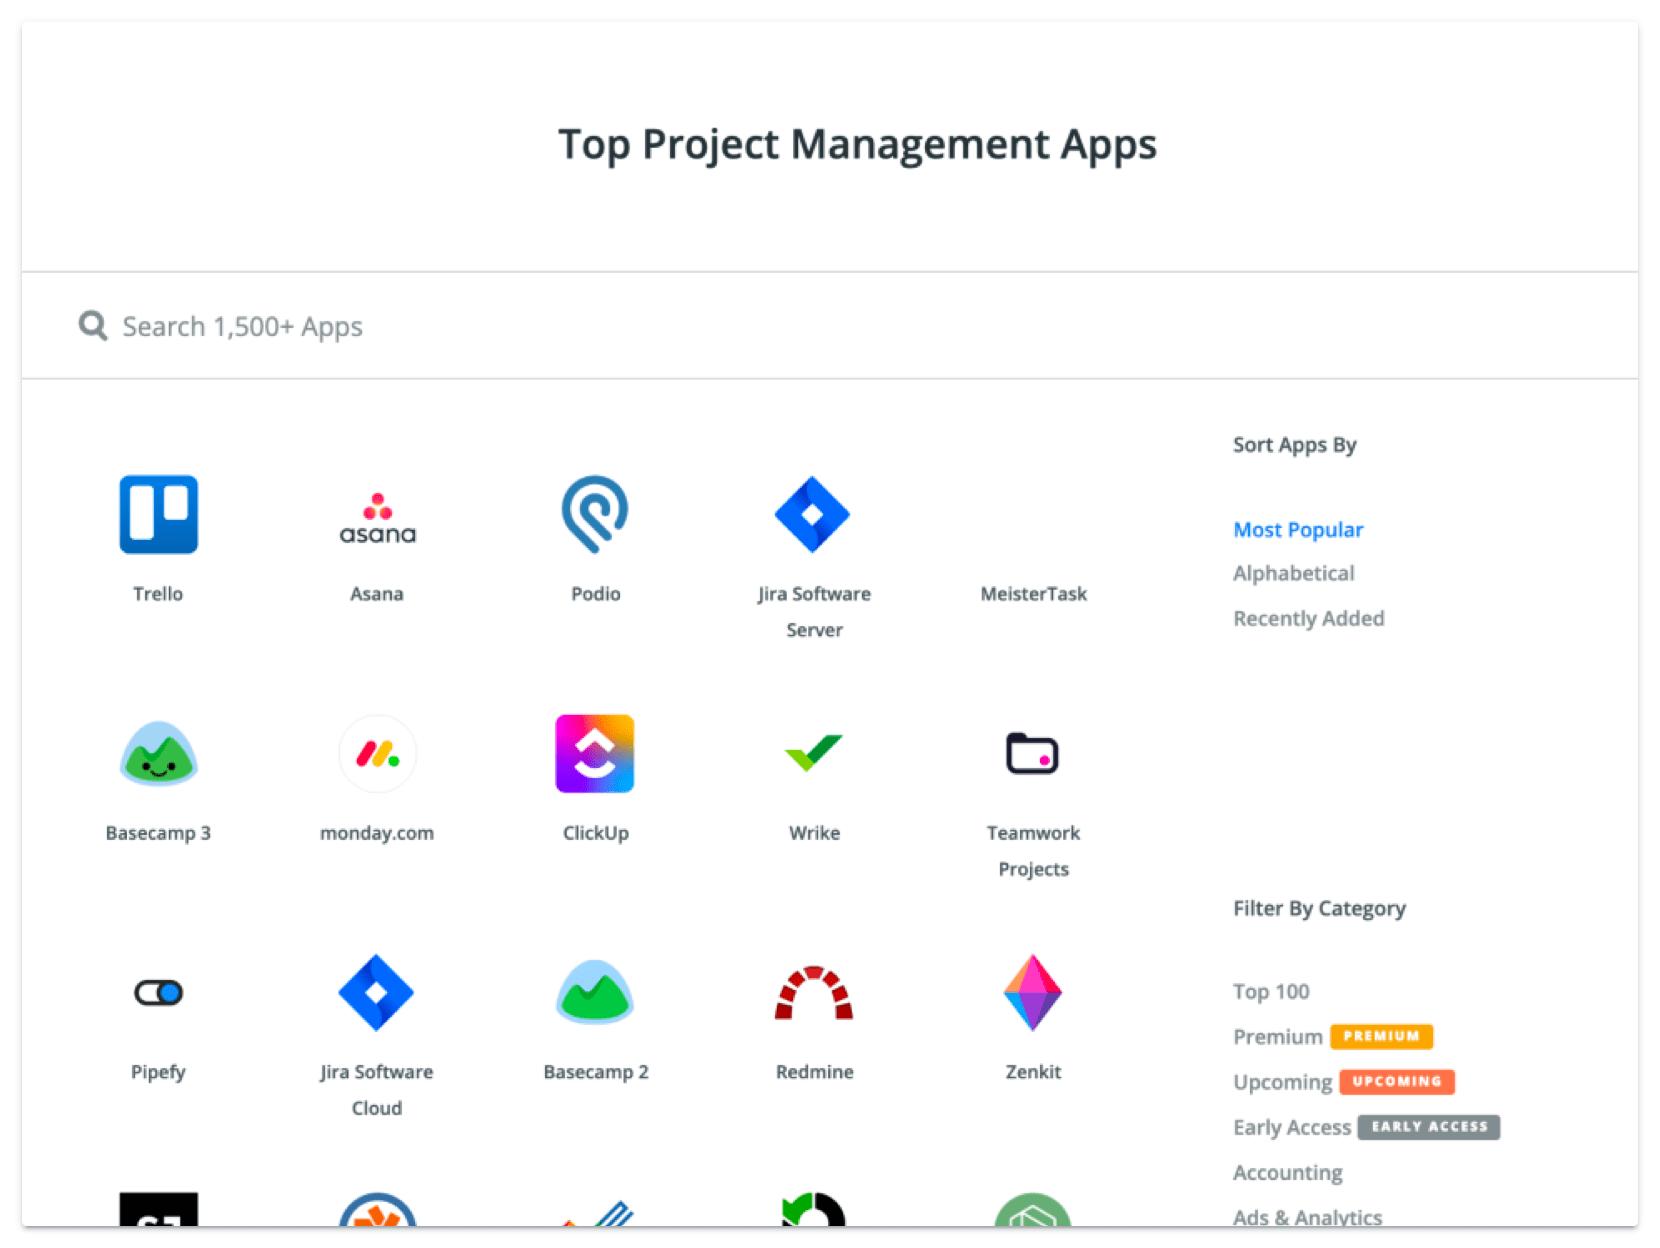 Zapier Project Management Apps